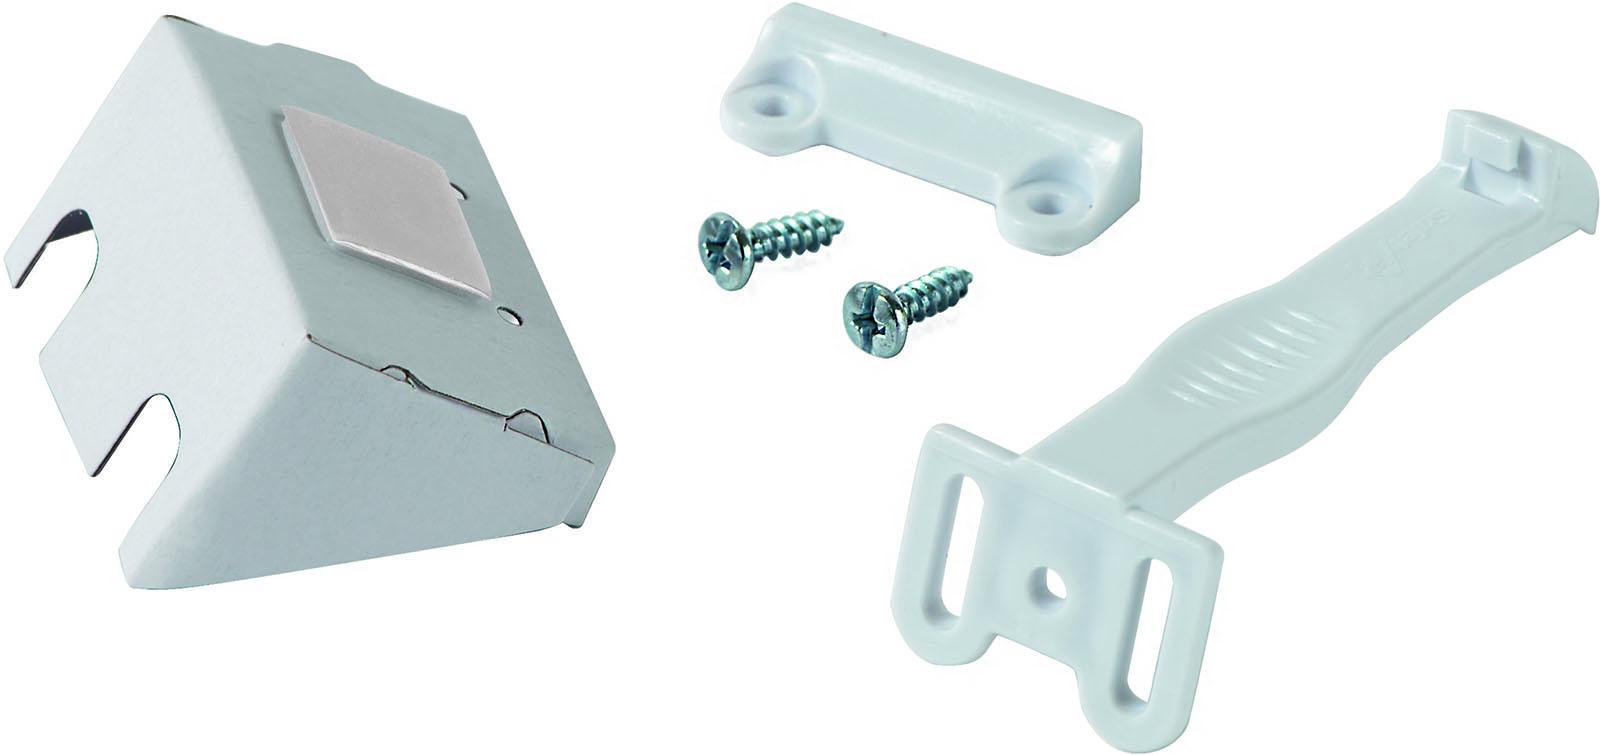 Блокиратор дверей/ящиков Safety 1st открывания распашной дверцы (7 шт.), белый safety 1st на дверь